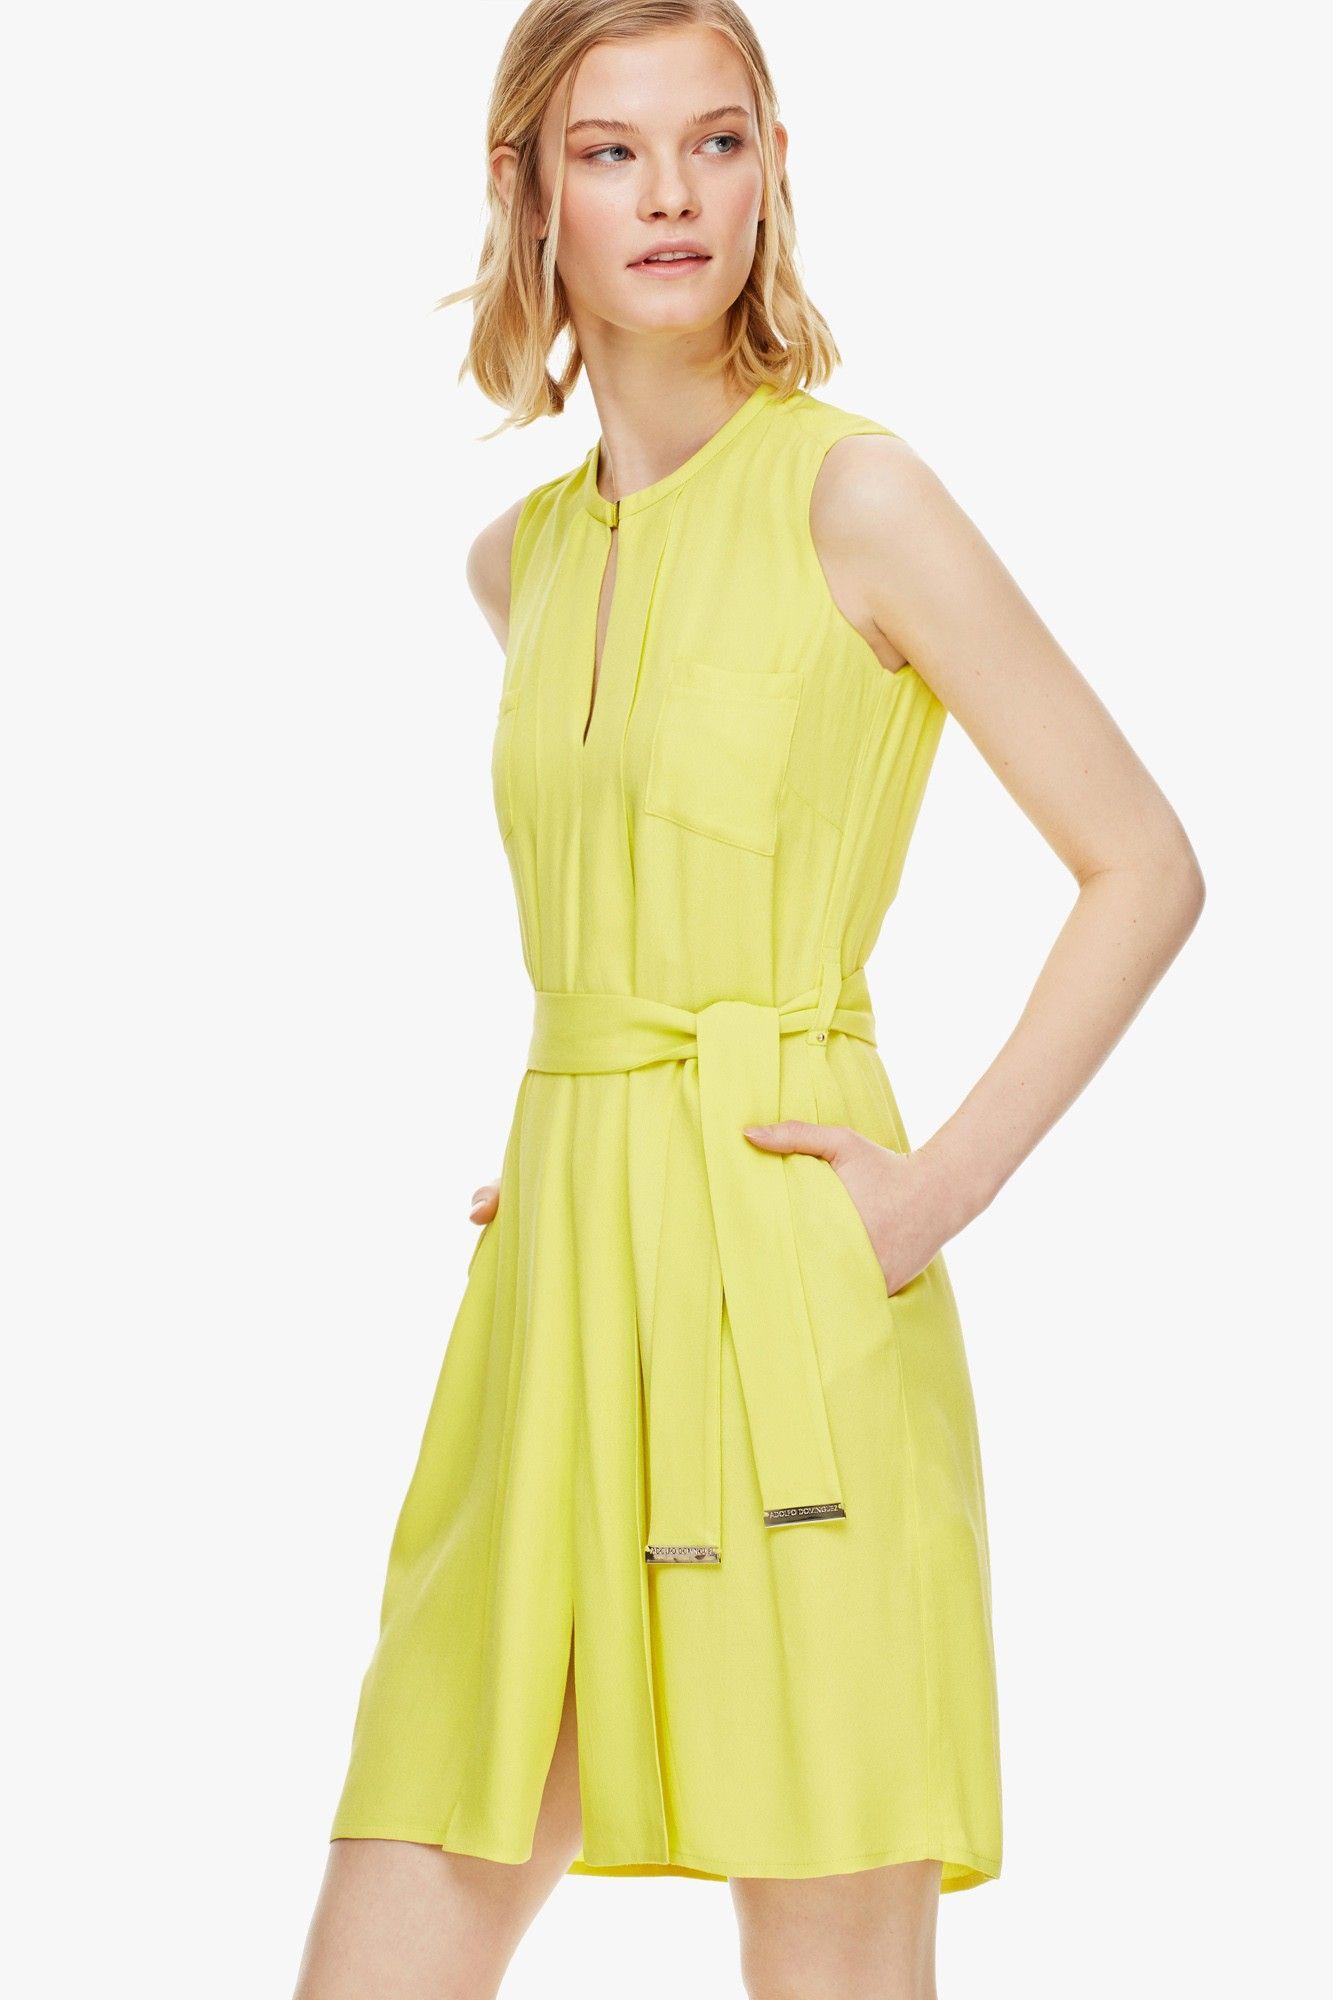 Vestido camisero en crep fluido vestidos adolfo for Vestidos adolfo dominguez outlet online